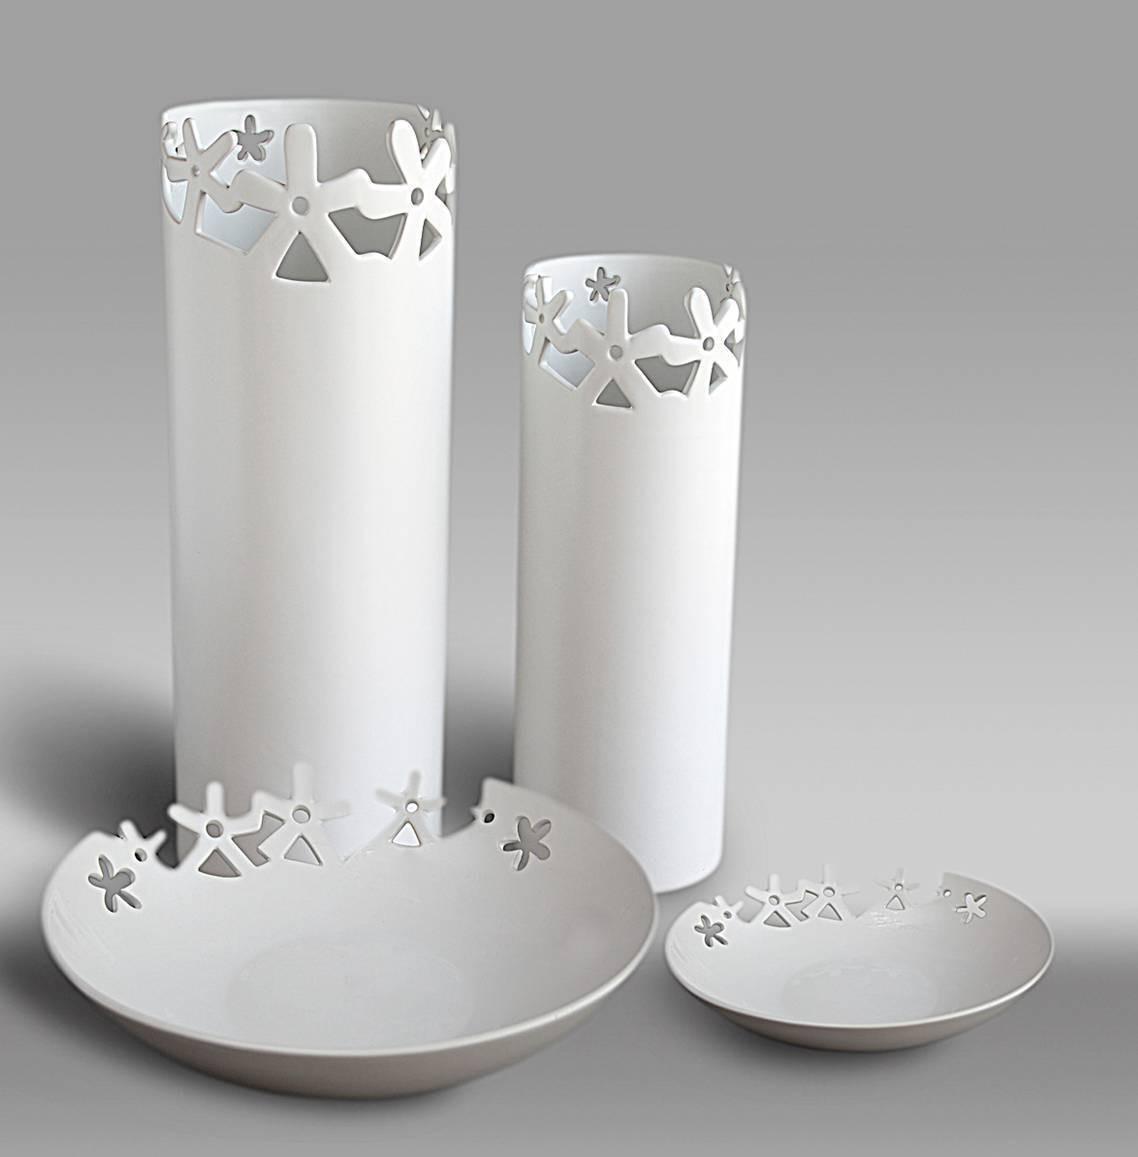 陶瓷花瓶 镂空花形 白色 现代简约 家居装饰品 小花瓶